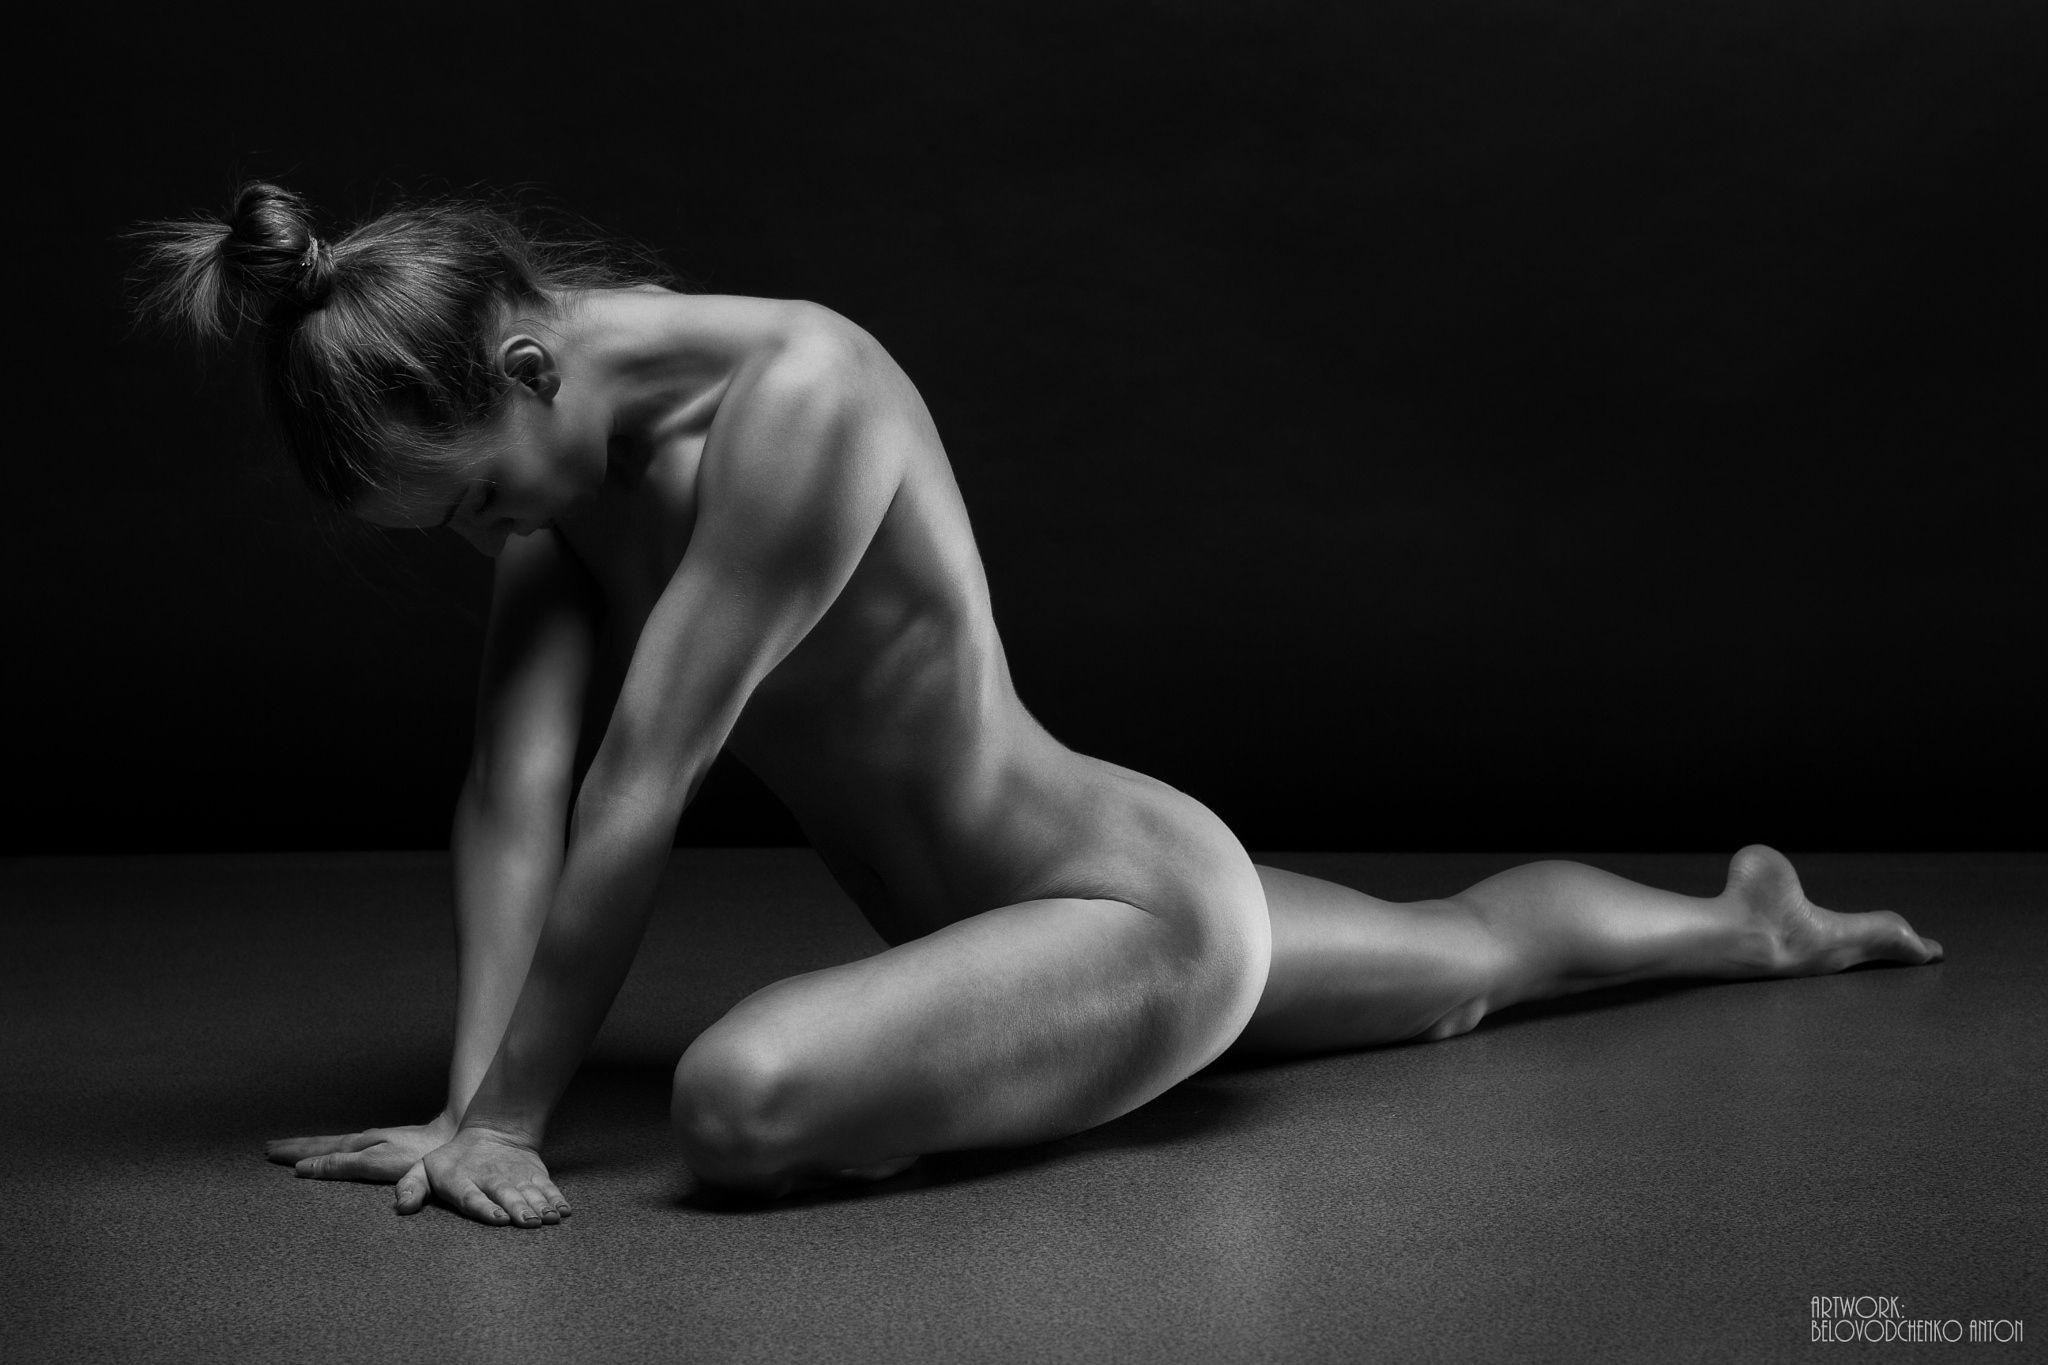 Эротические фотографии профессиональные, Профессиональная эротика от Аркадия Козловского 14 фотография